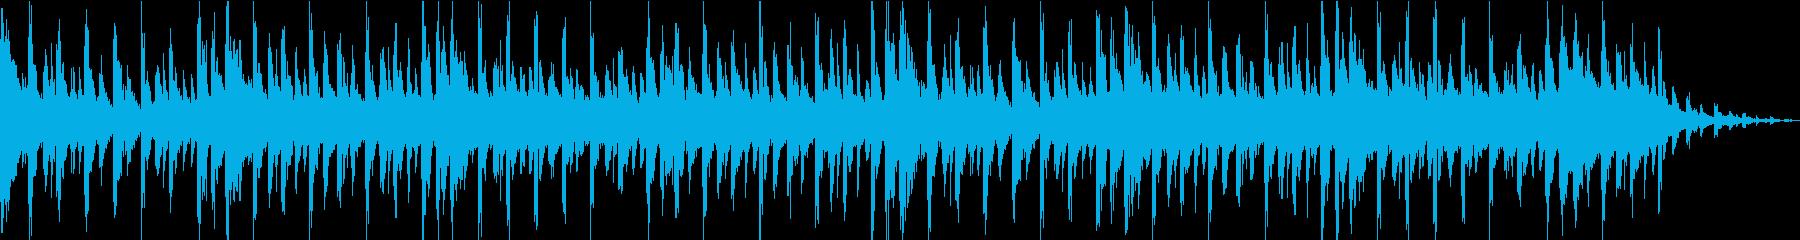 生意気なスタイルの滑らかな電子グル...の再生済みの波形